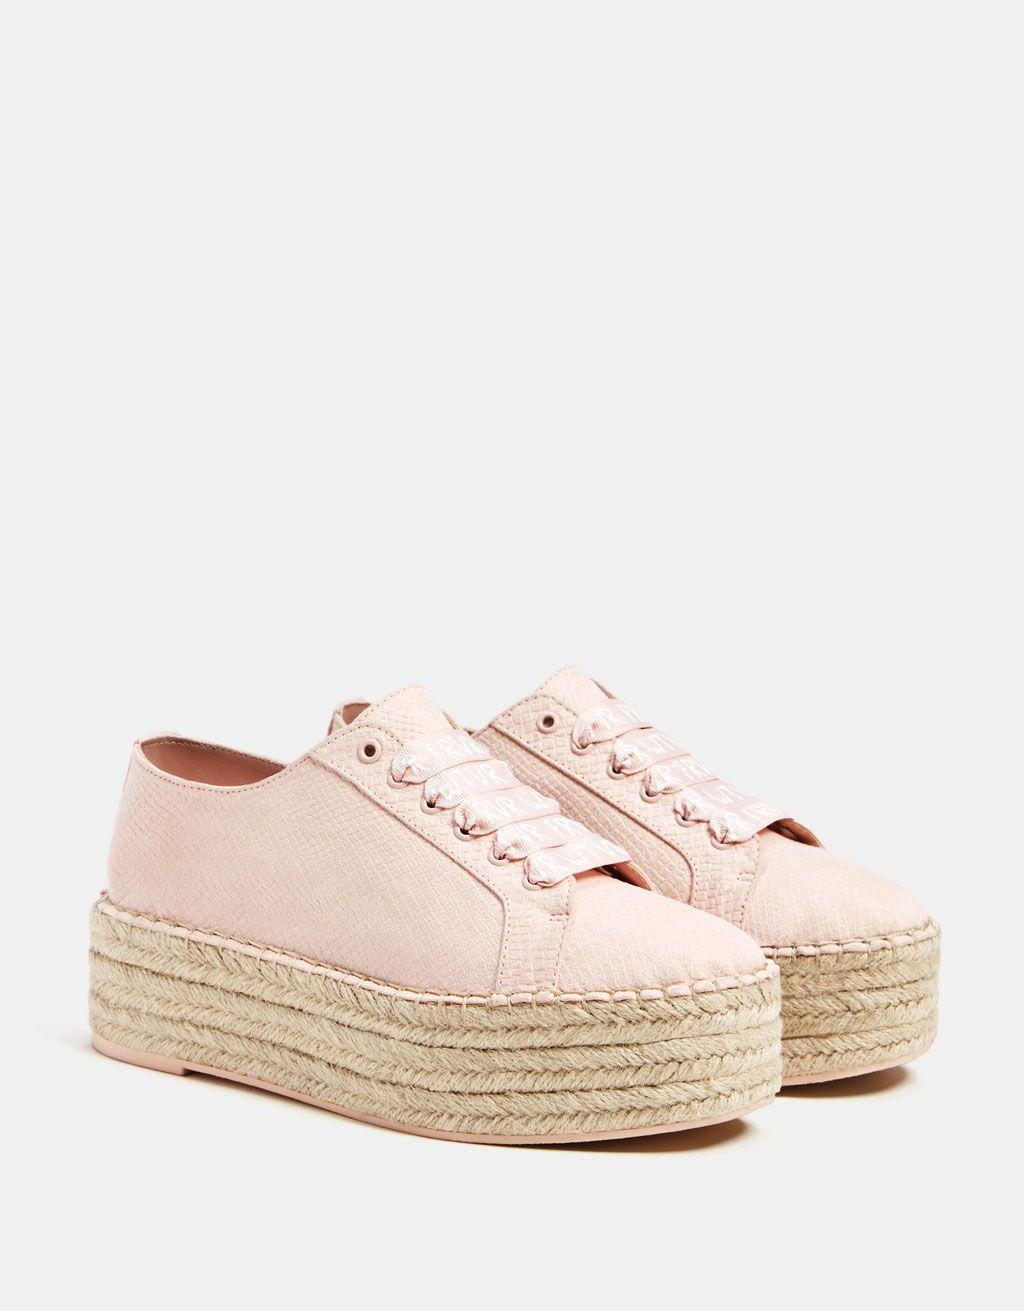 ac5cc1429c66 Descubre ésta y muchas otras prendas en Bershka con nuevos productos cada  semana. Embossed sneakers with jute platforms.